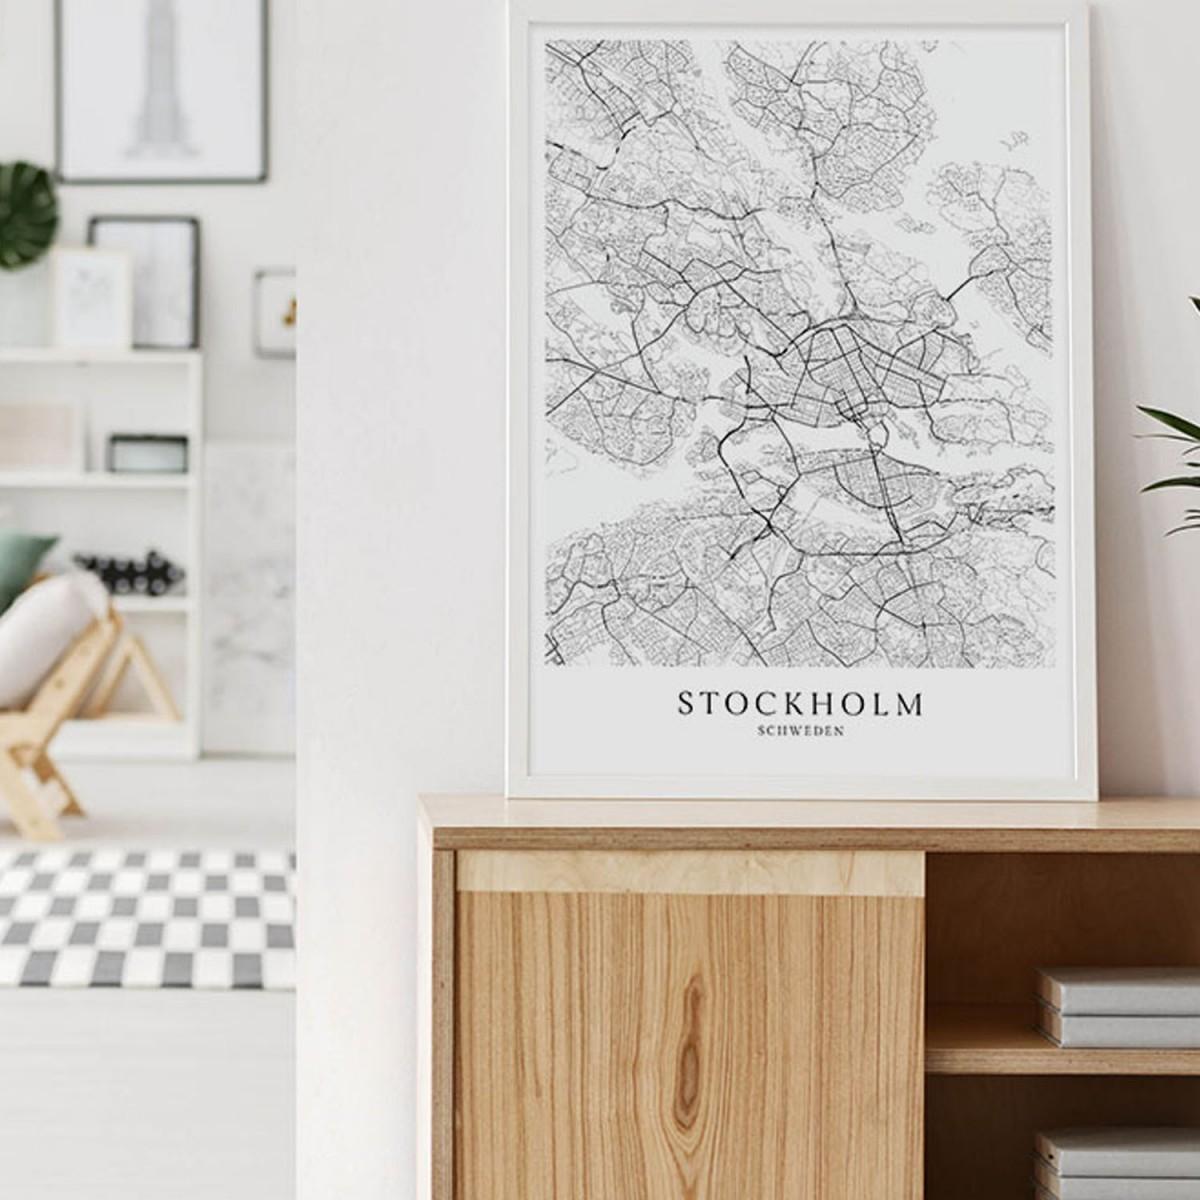 Stockholm Karte als hochwertiger Print - Posterdruck im skandinavischen Stil Skanemarie